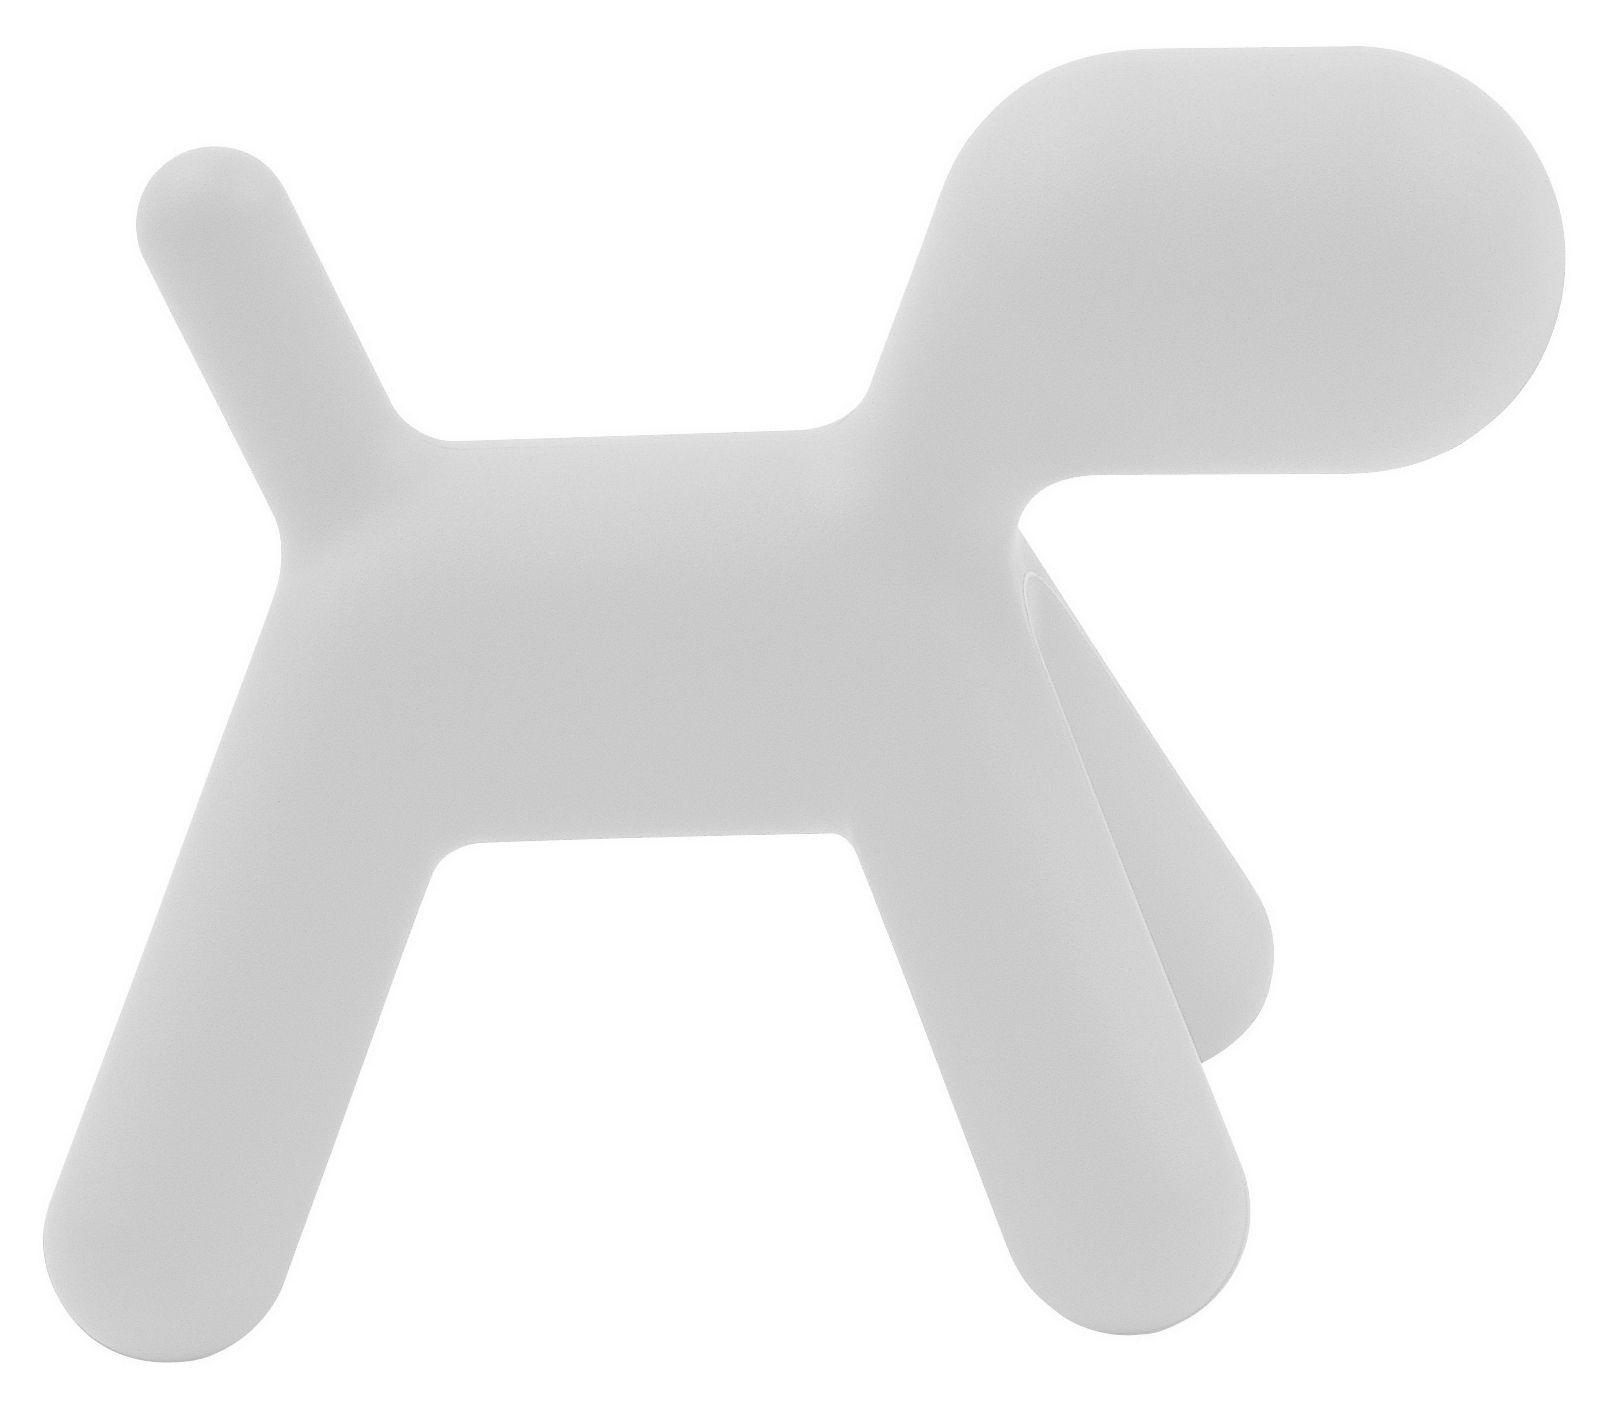 Arredamento - Mobili per bambini - Sedia per bambino Puppy XL di Magis Collection Me Too - Bianco XL - Polietilene rotostampato